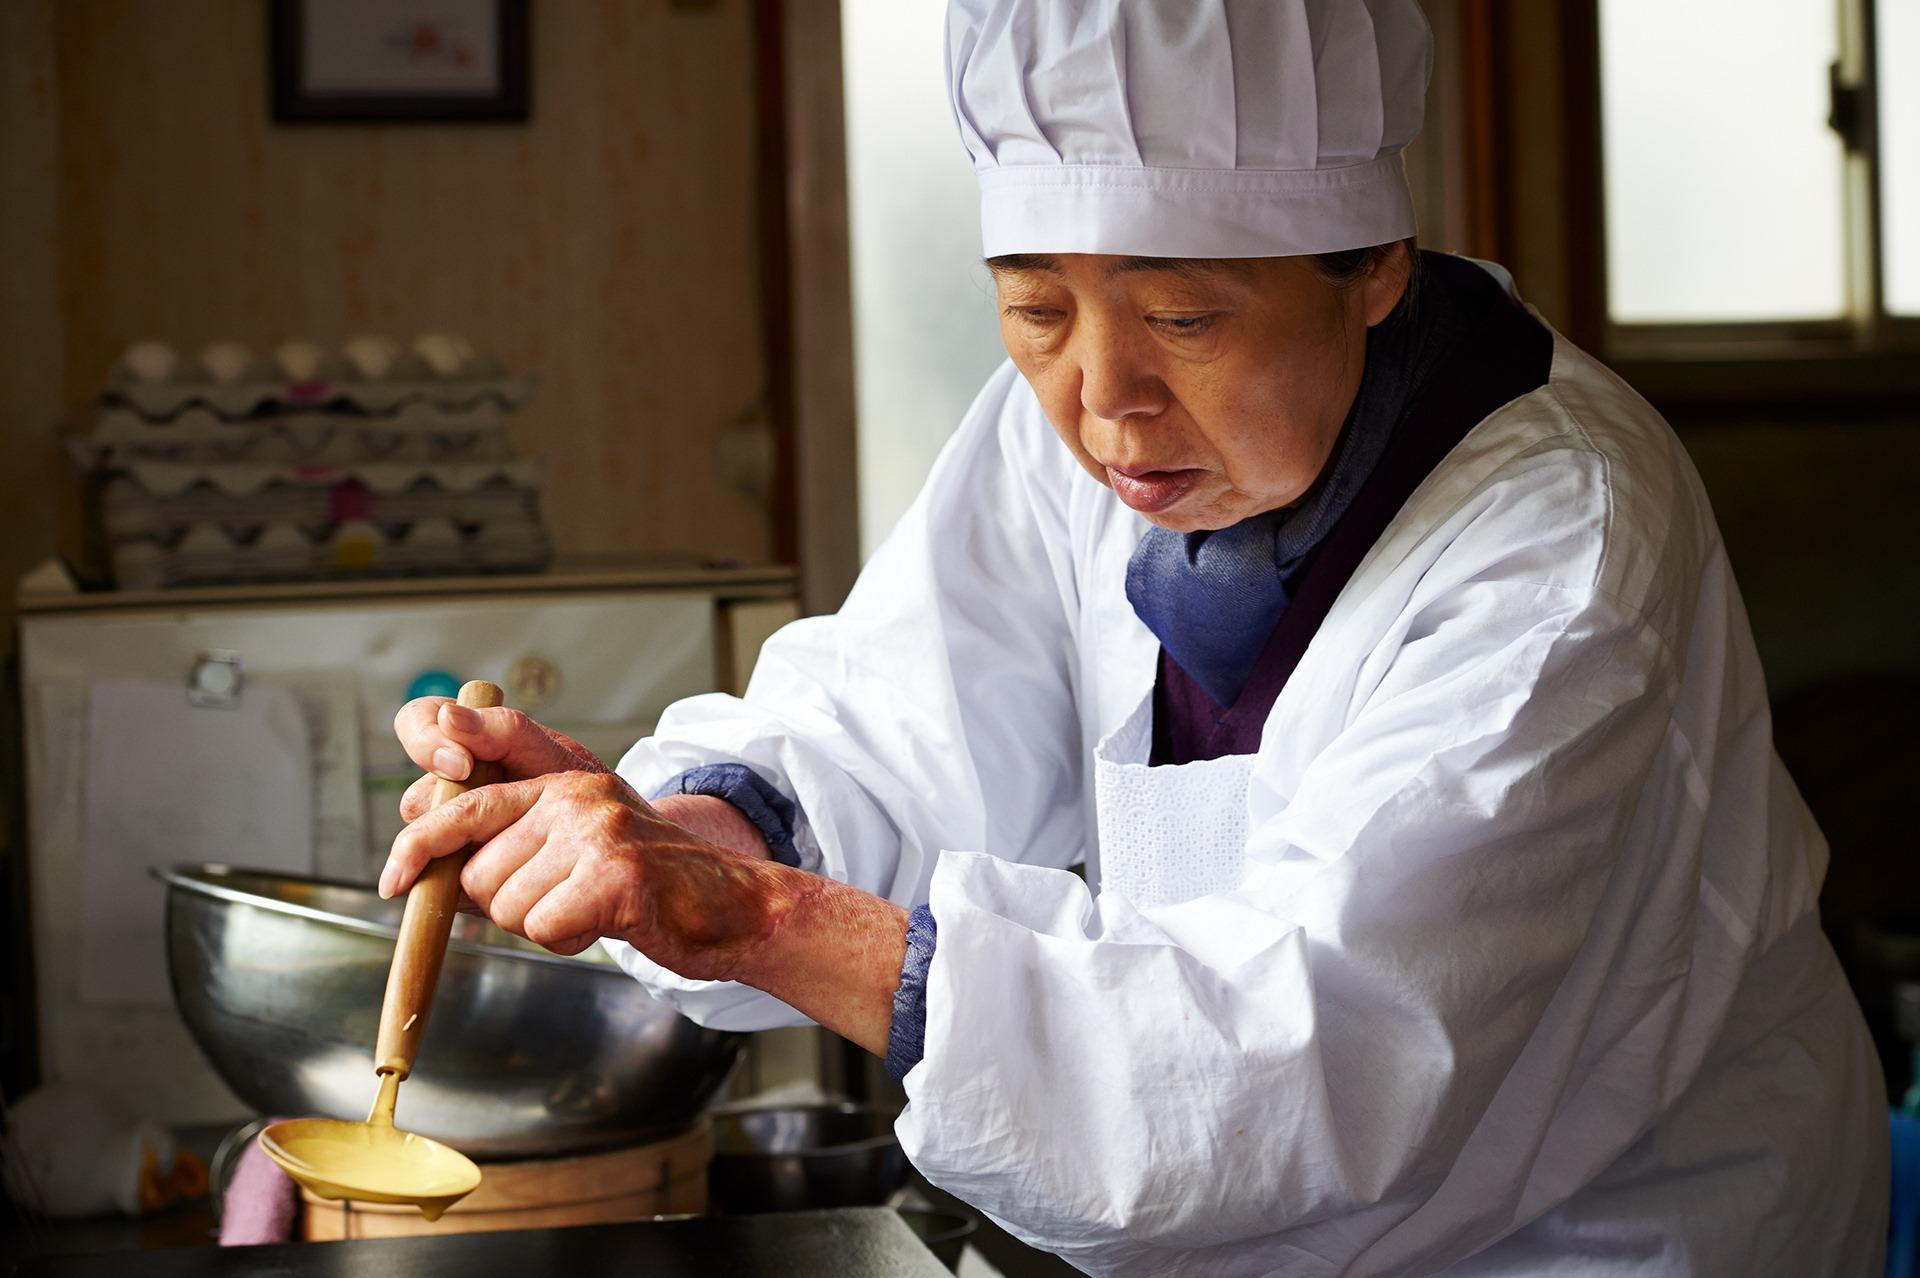 Umas Pastelaria em Tóquio de Naomi Kawase